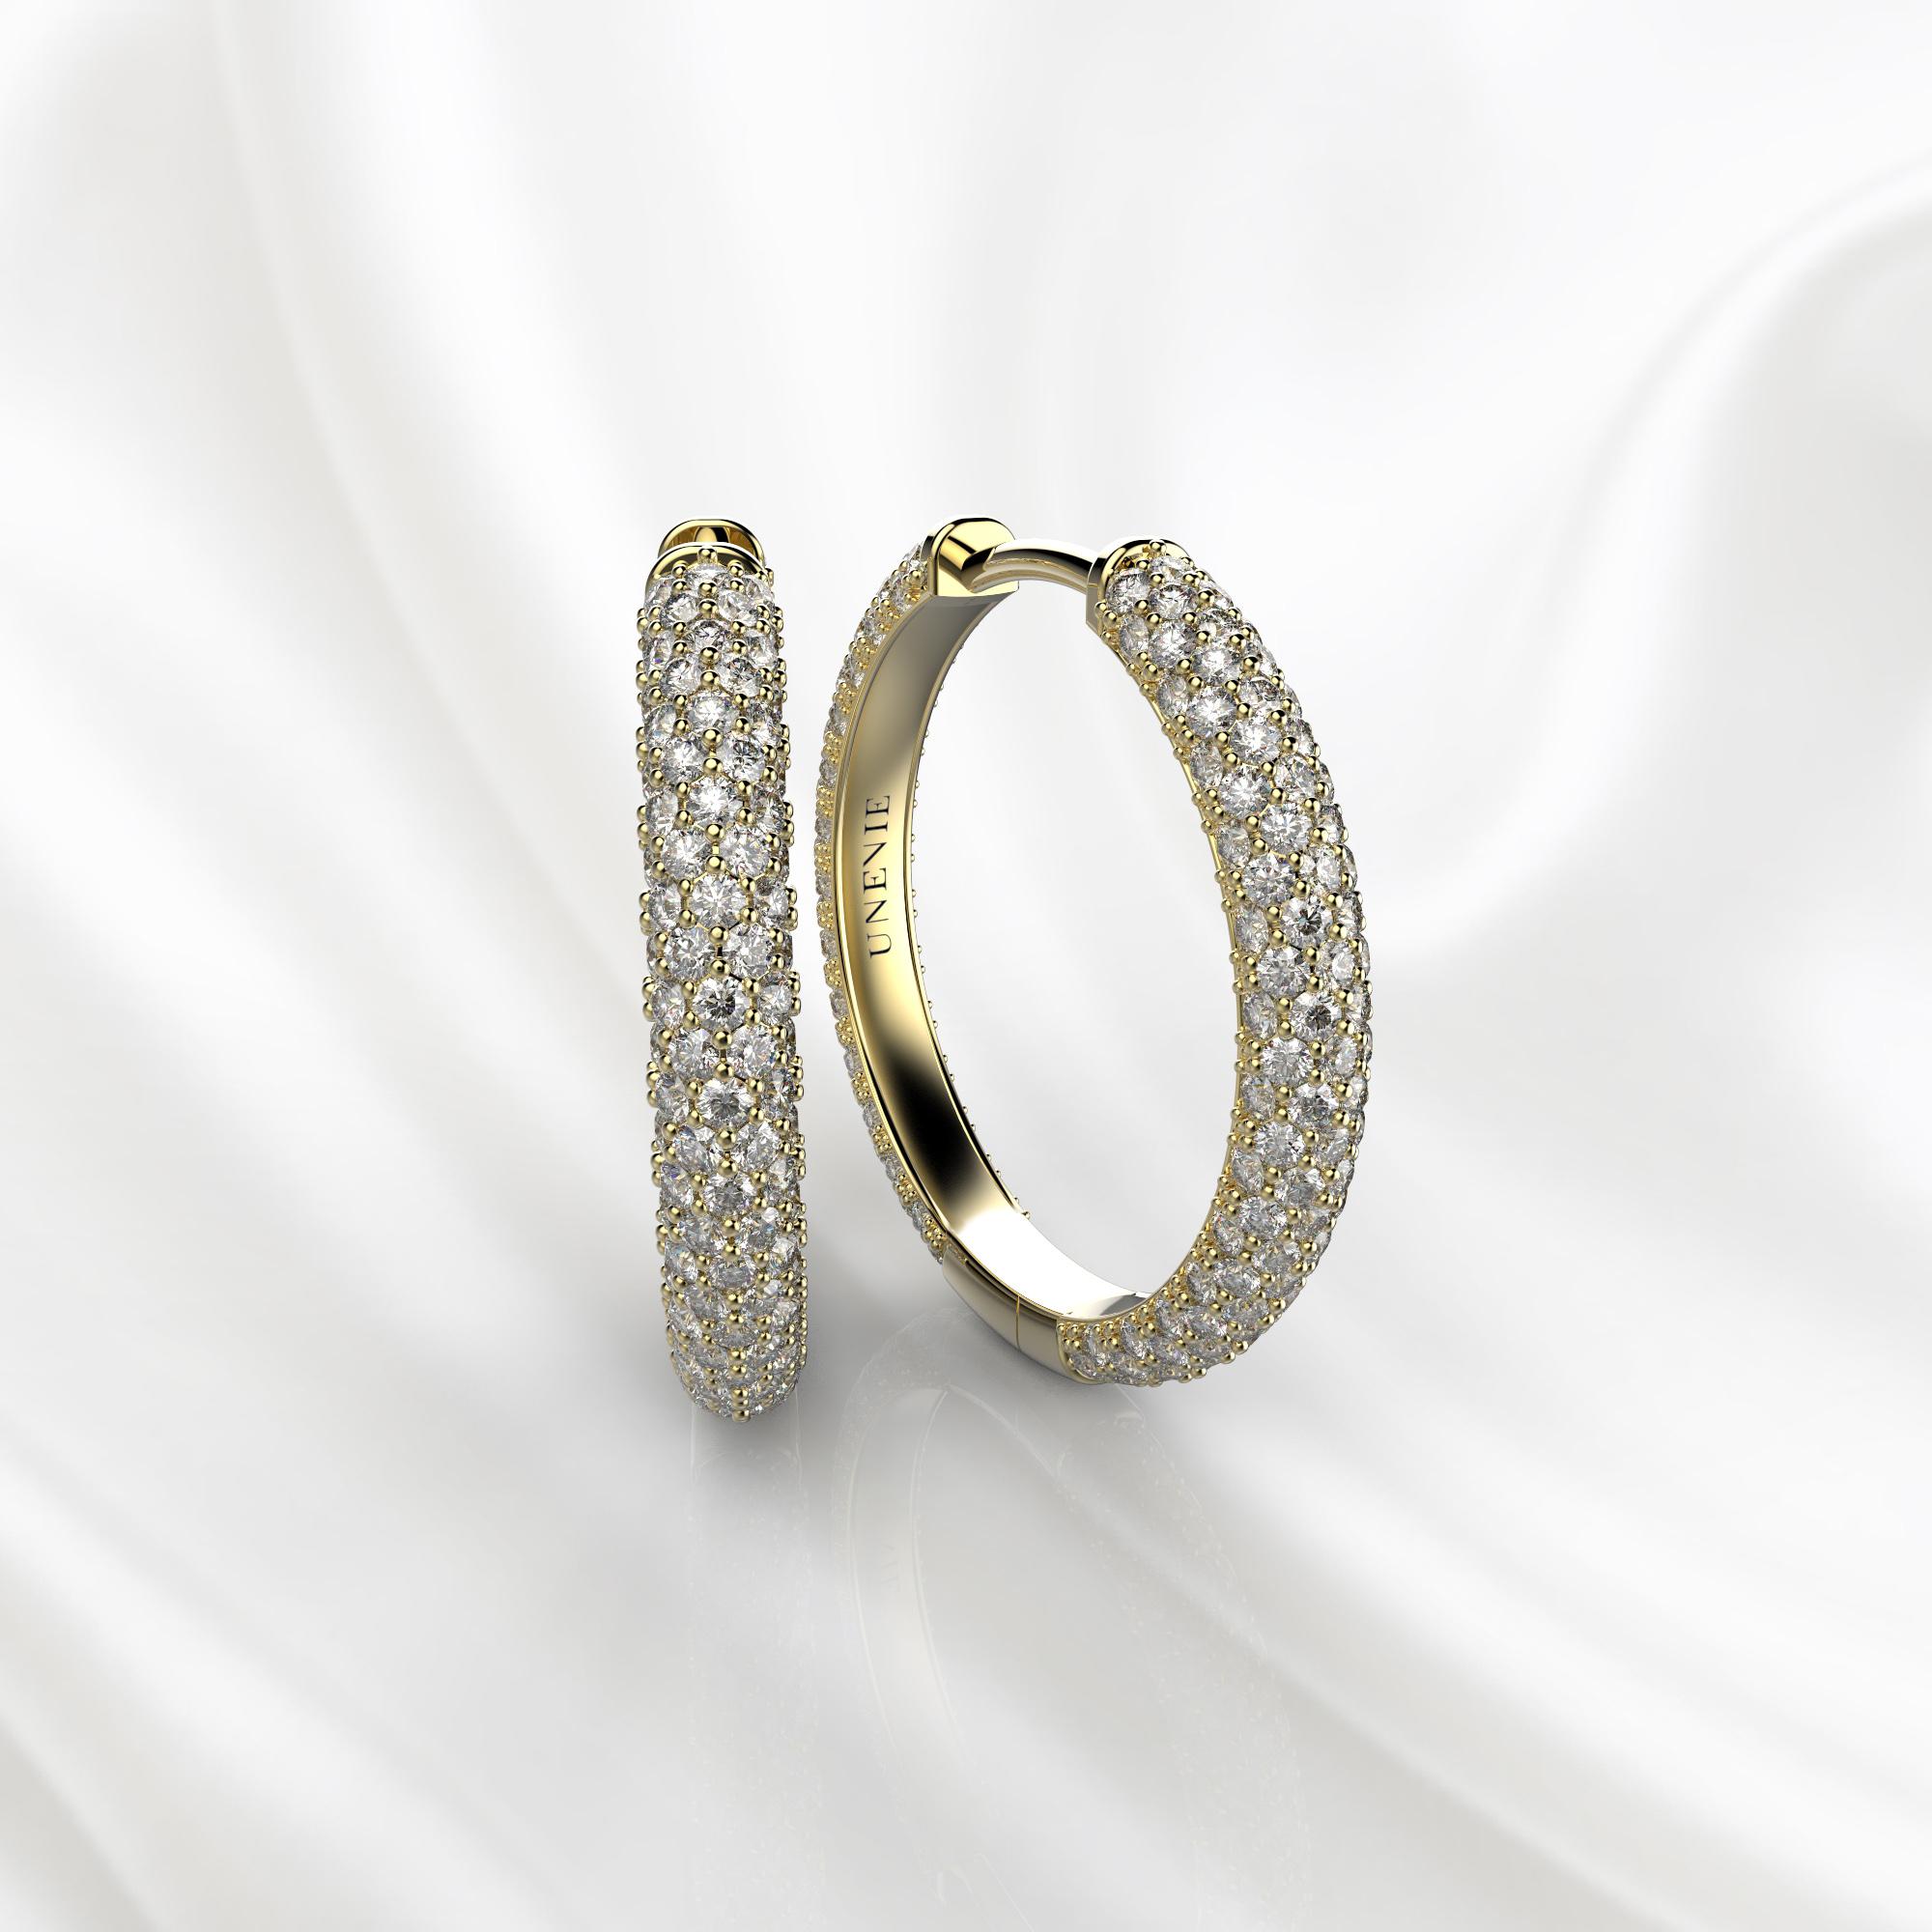 S10 Серьги-кольца из желтого золота с бриллиантами